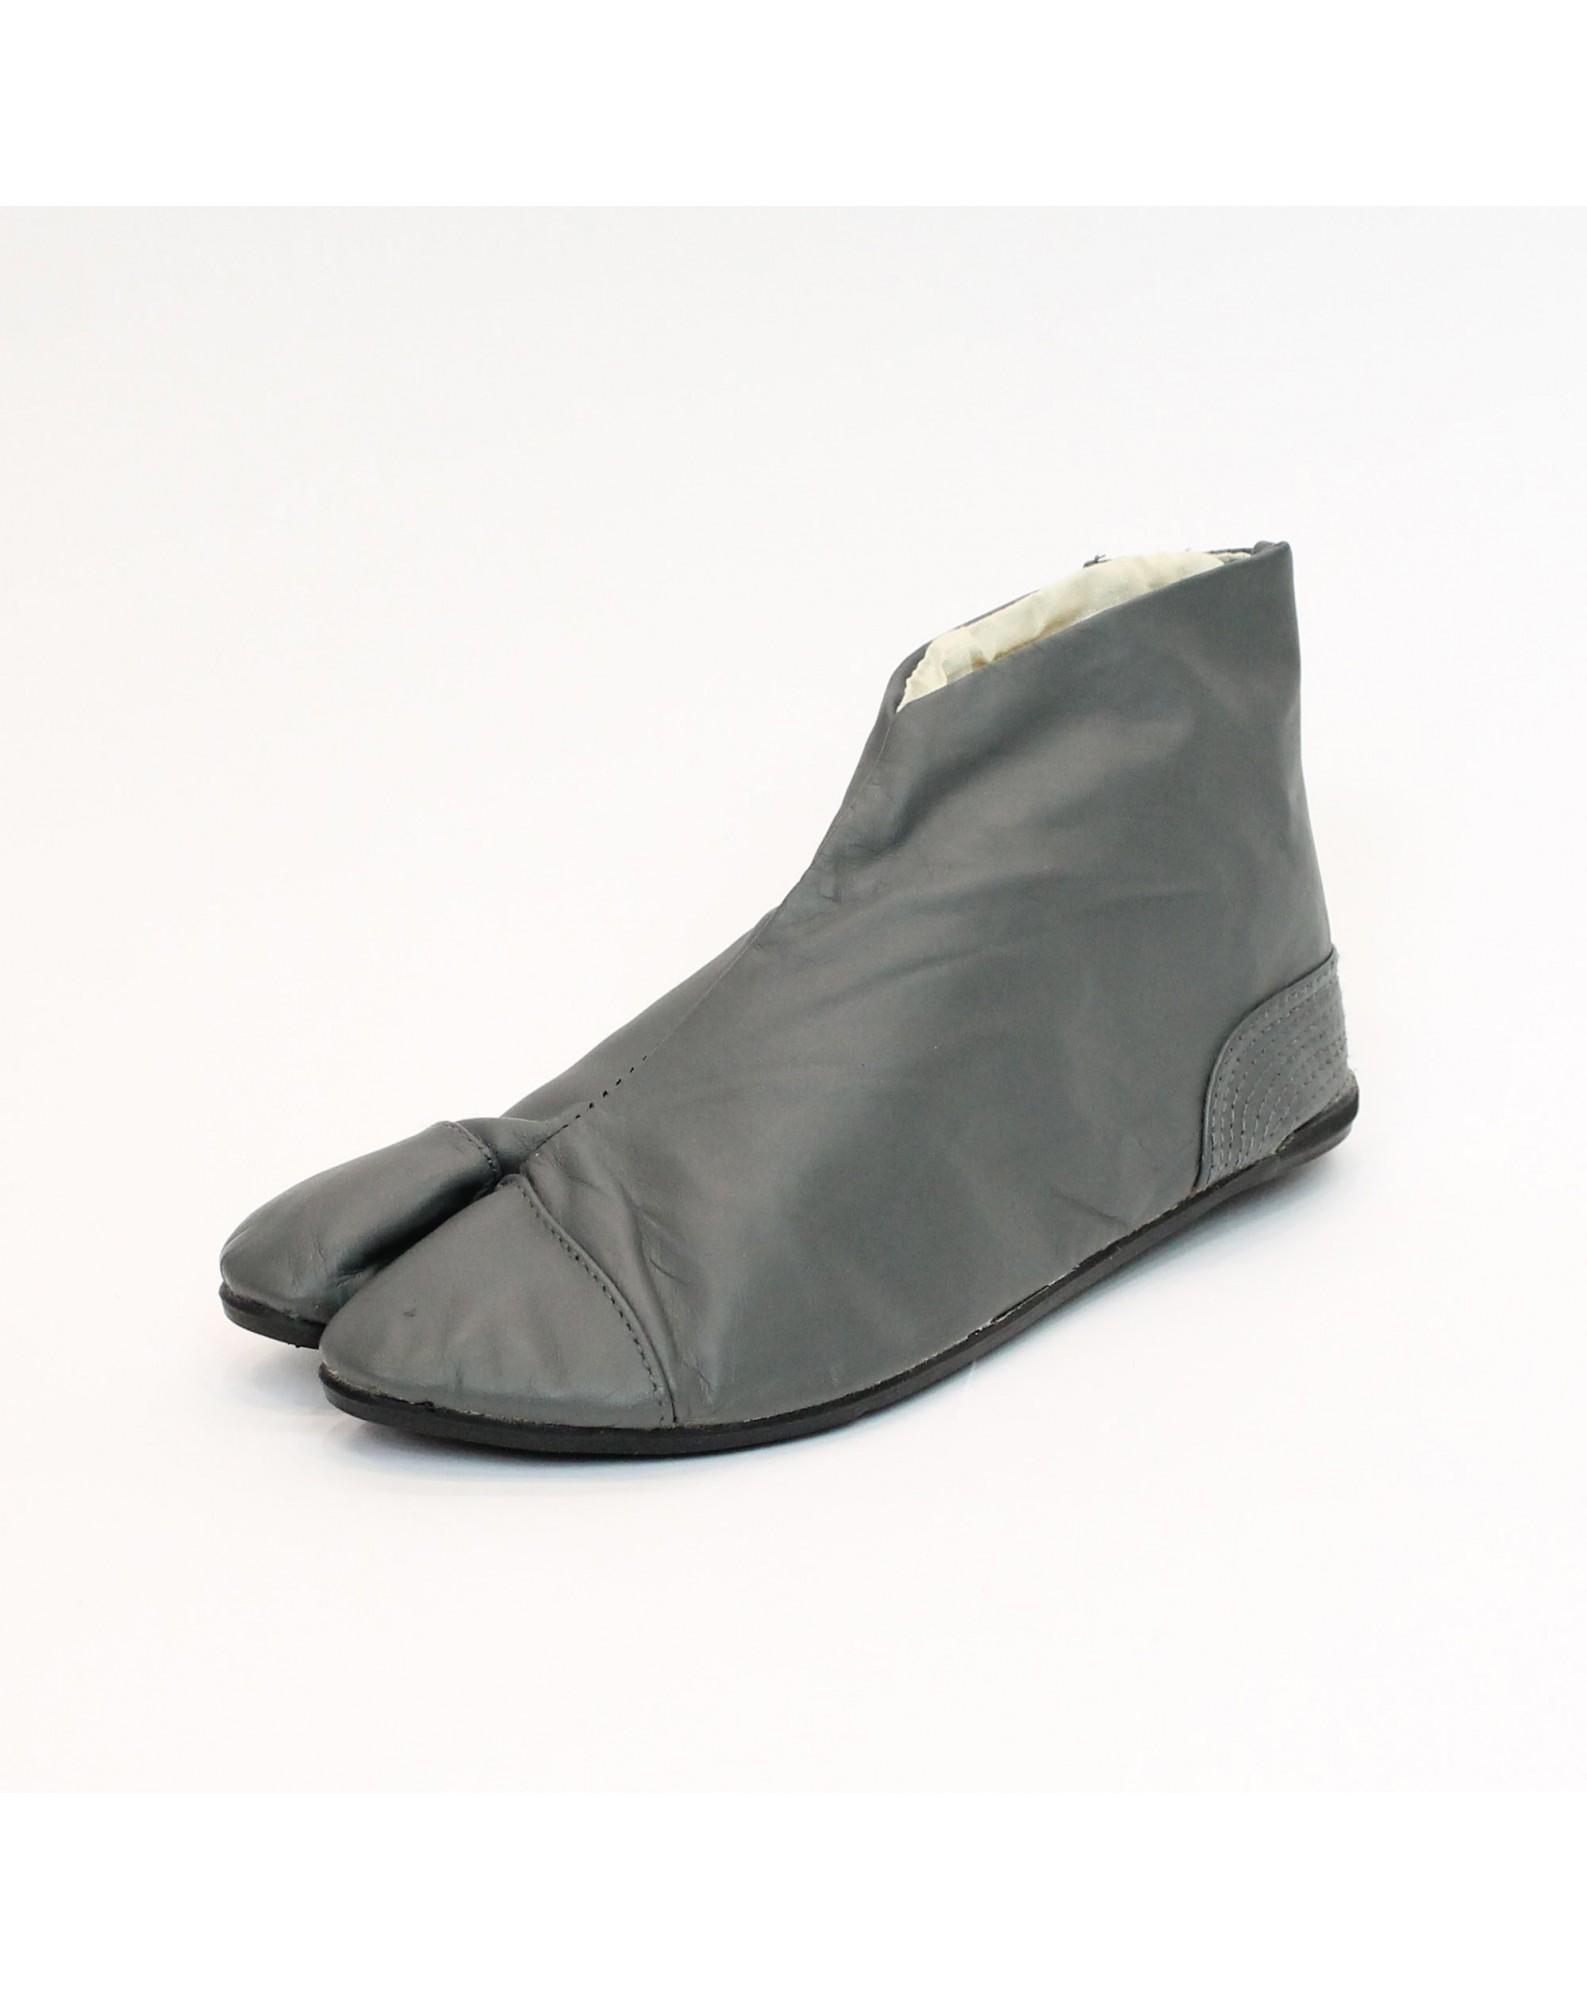 Uba Charcoal gris